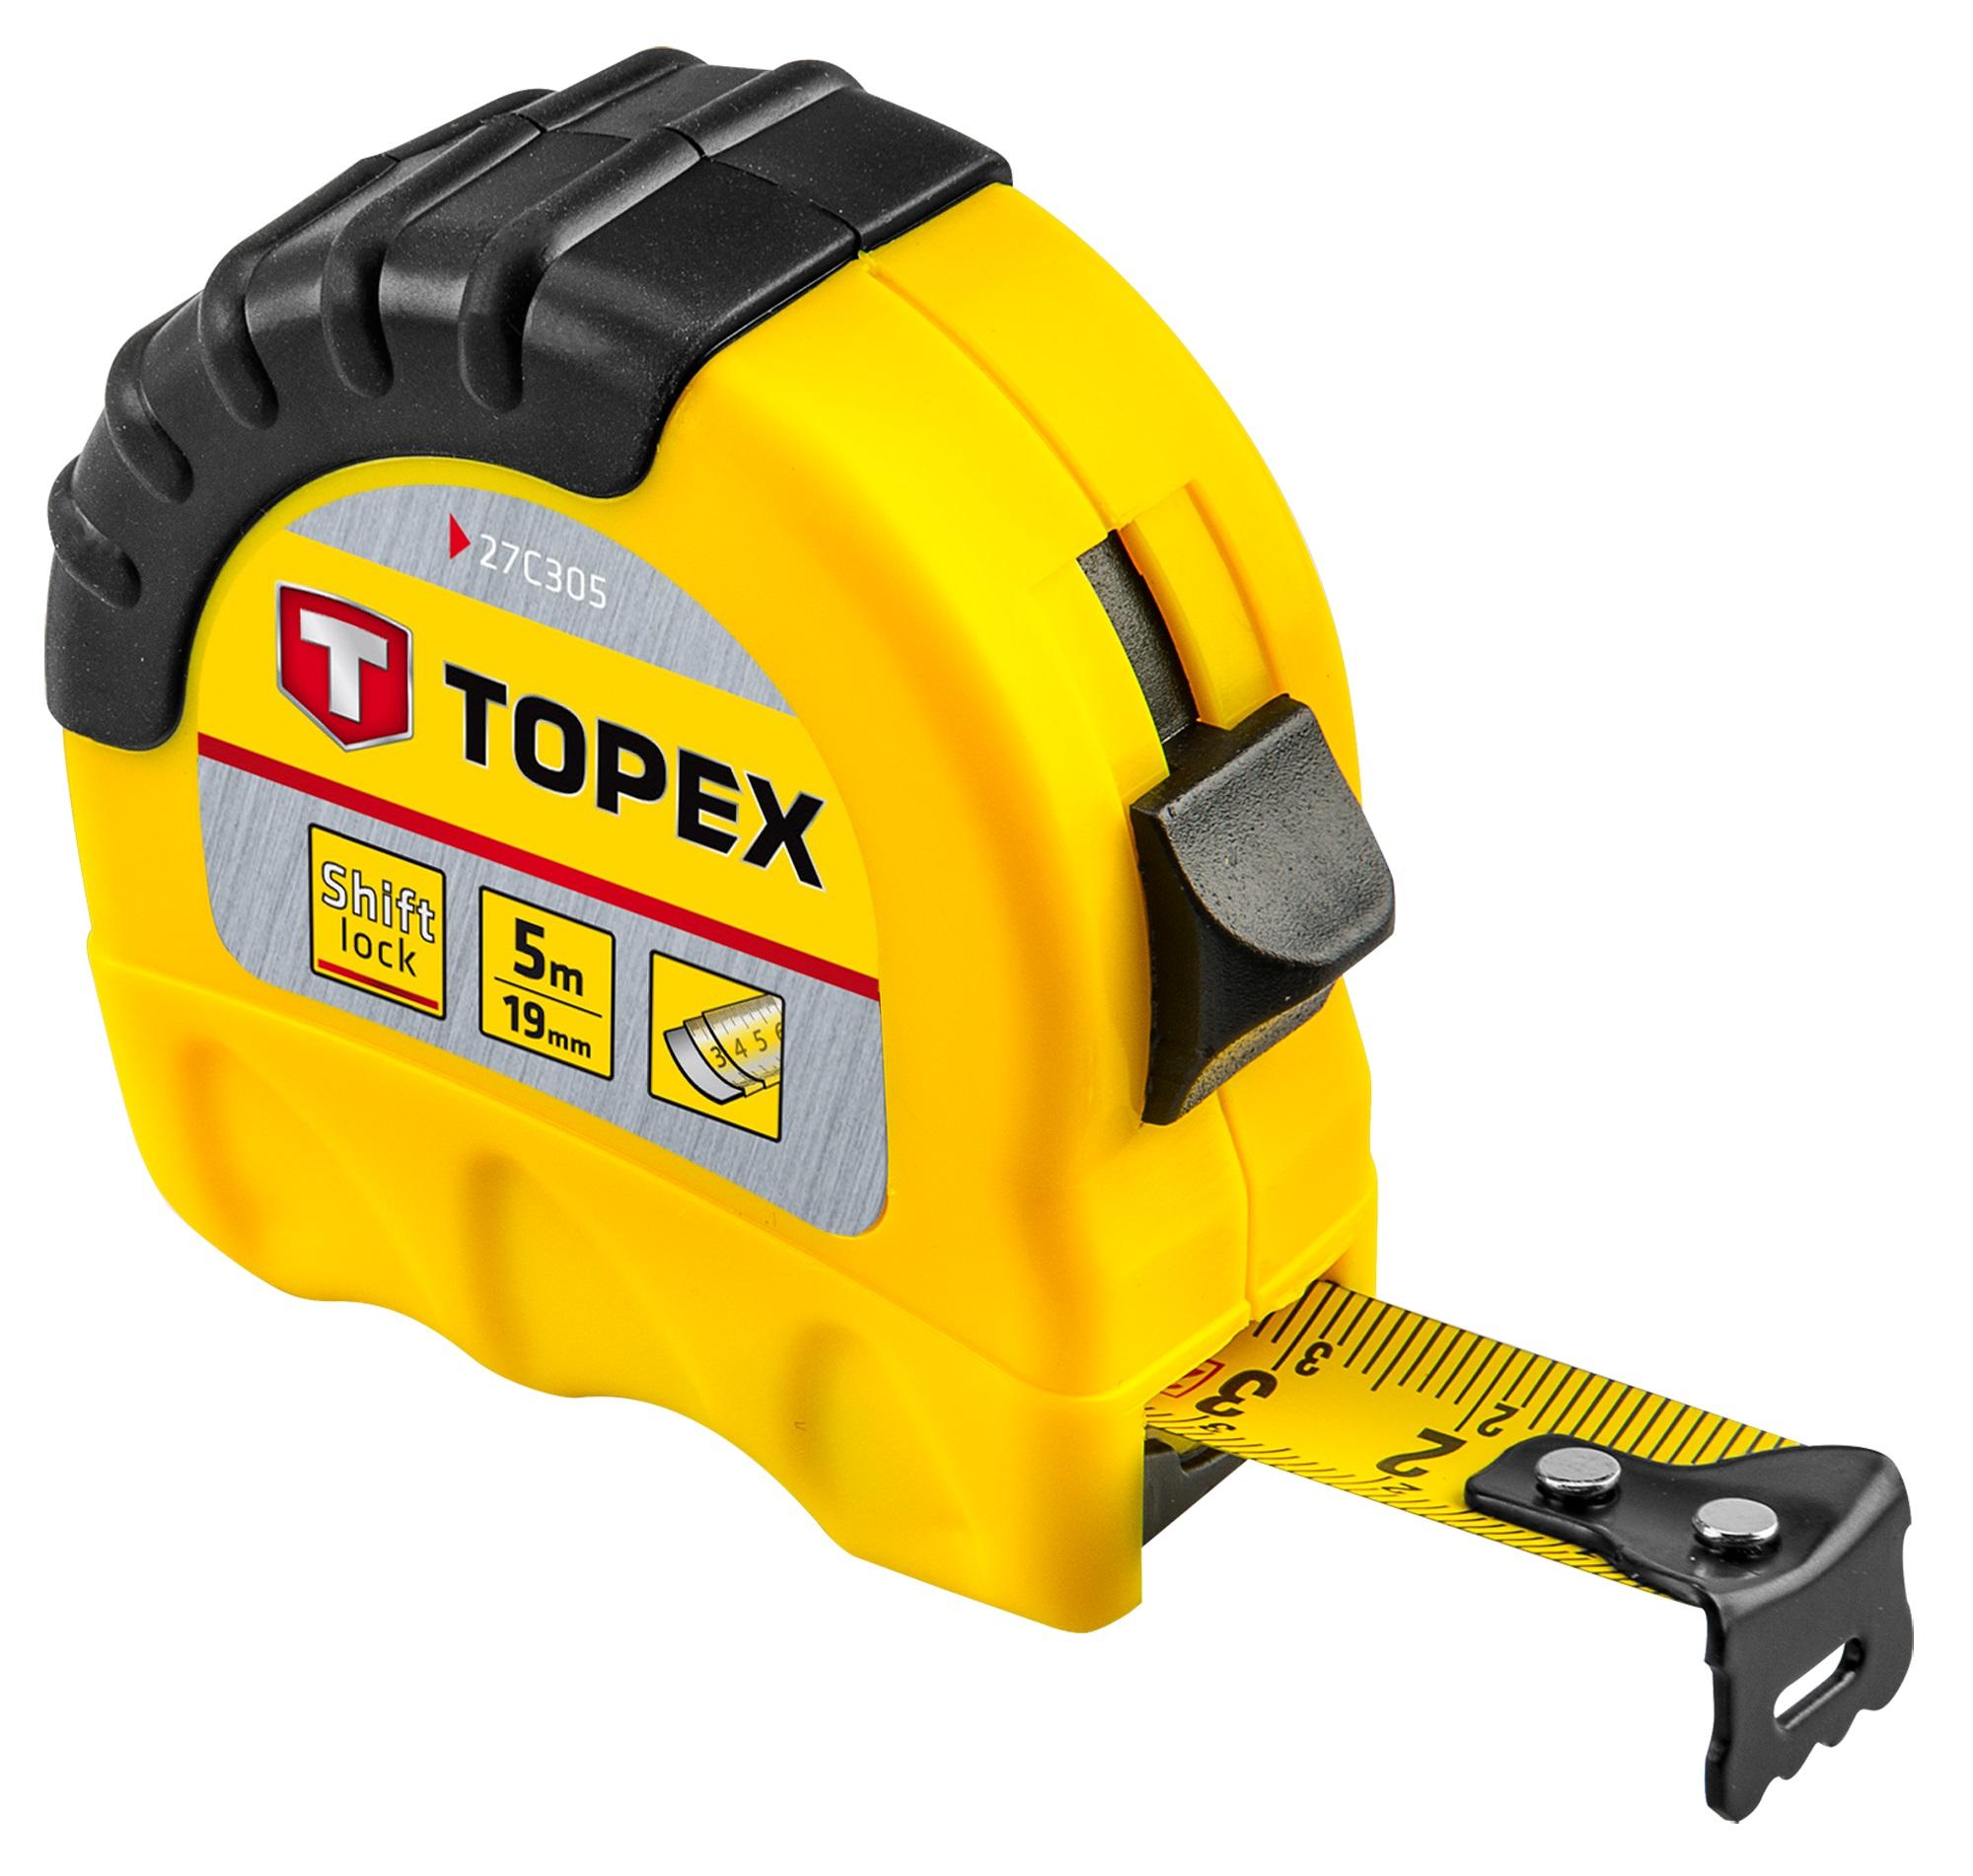 Topex 27C305 Рулетка, сталева стрiчка 5 м x 19 мм